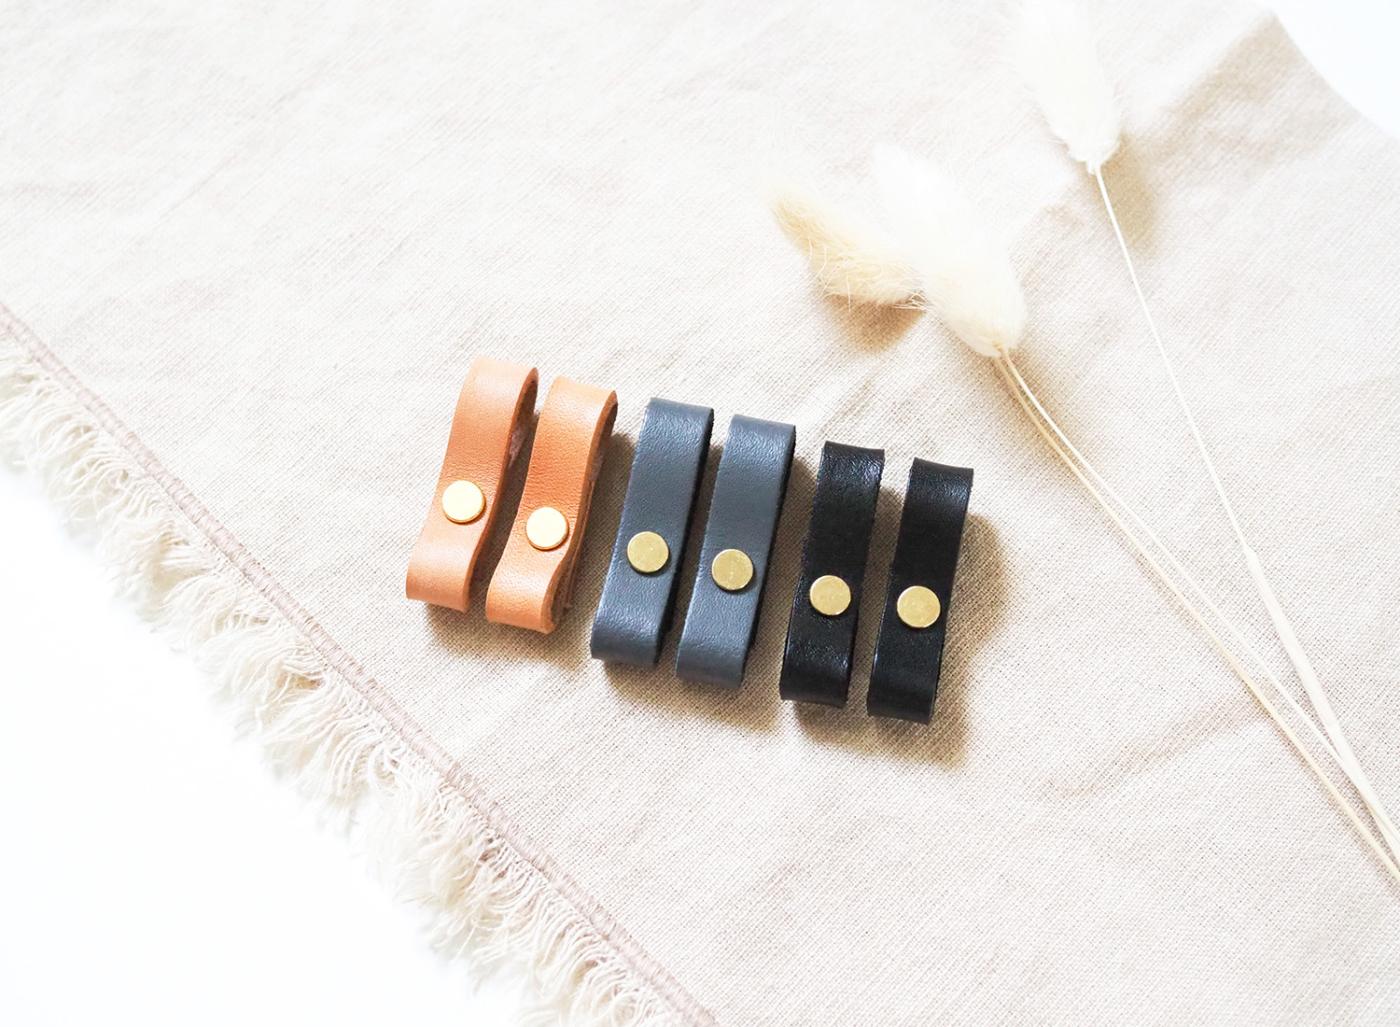 Lederriemen für Handyhülle zum Umhängen in braun, schwarz und grau.